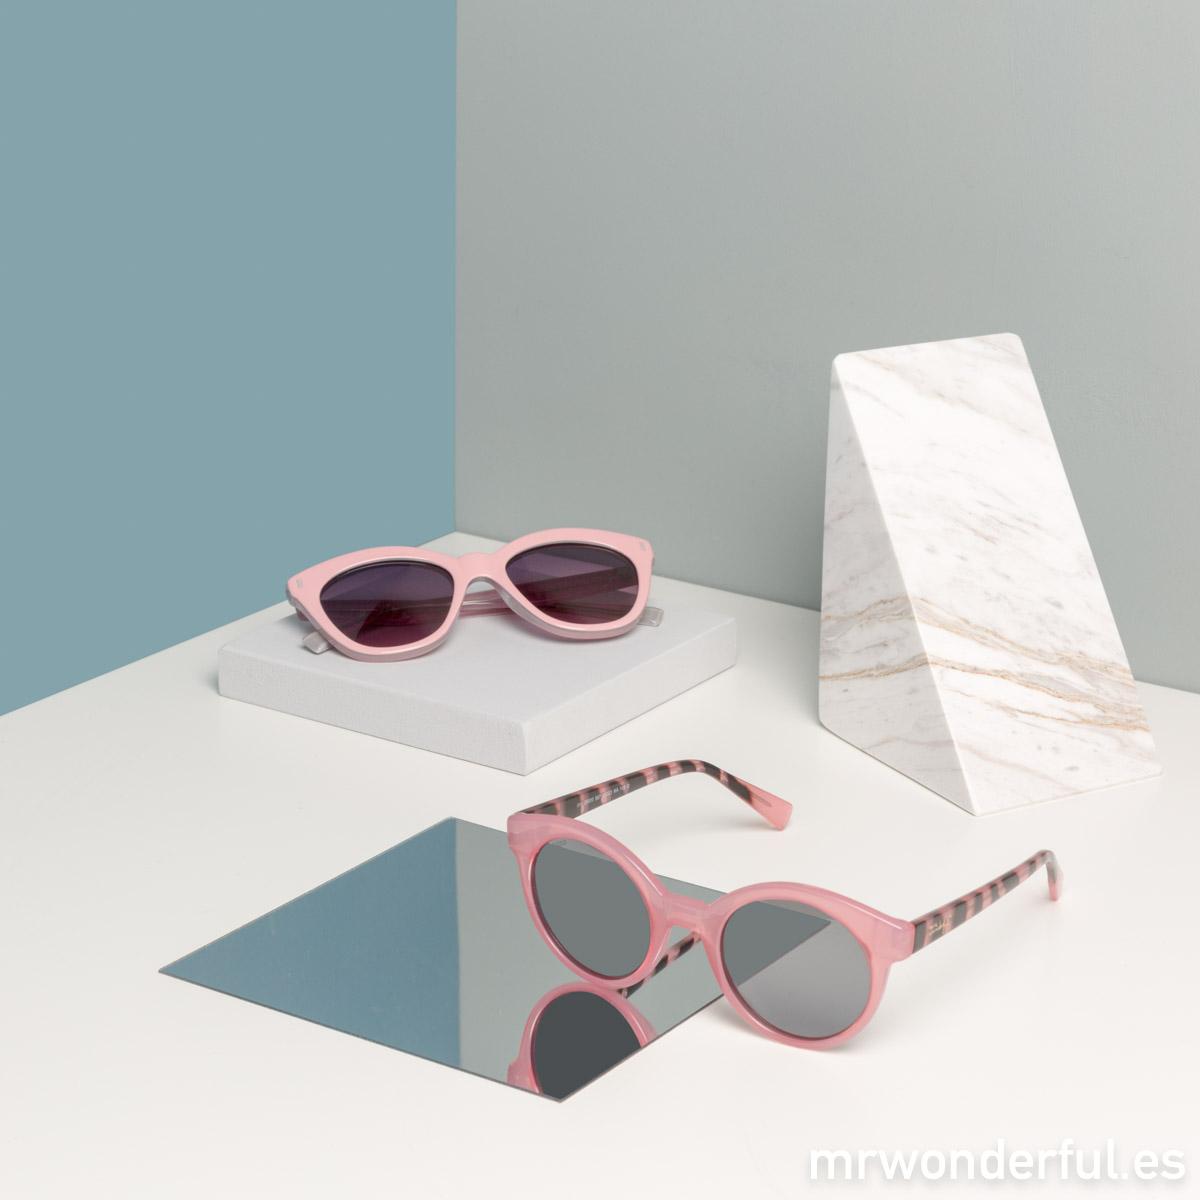 Sorpresa, estrenamos colección de gafas de sol Mr. Wonderful! Y solo ...